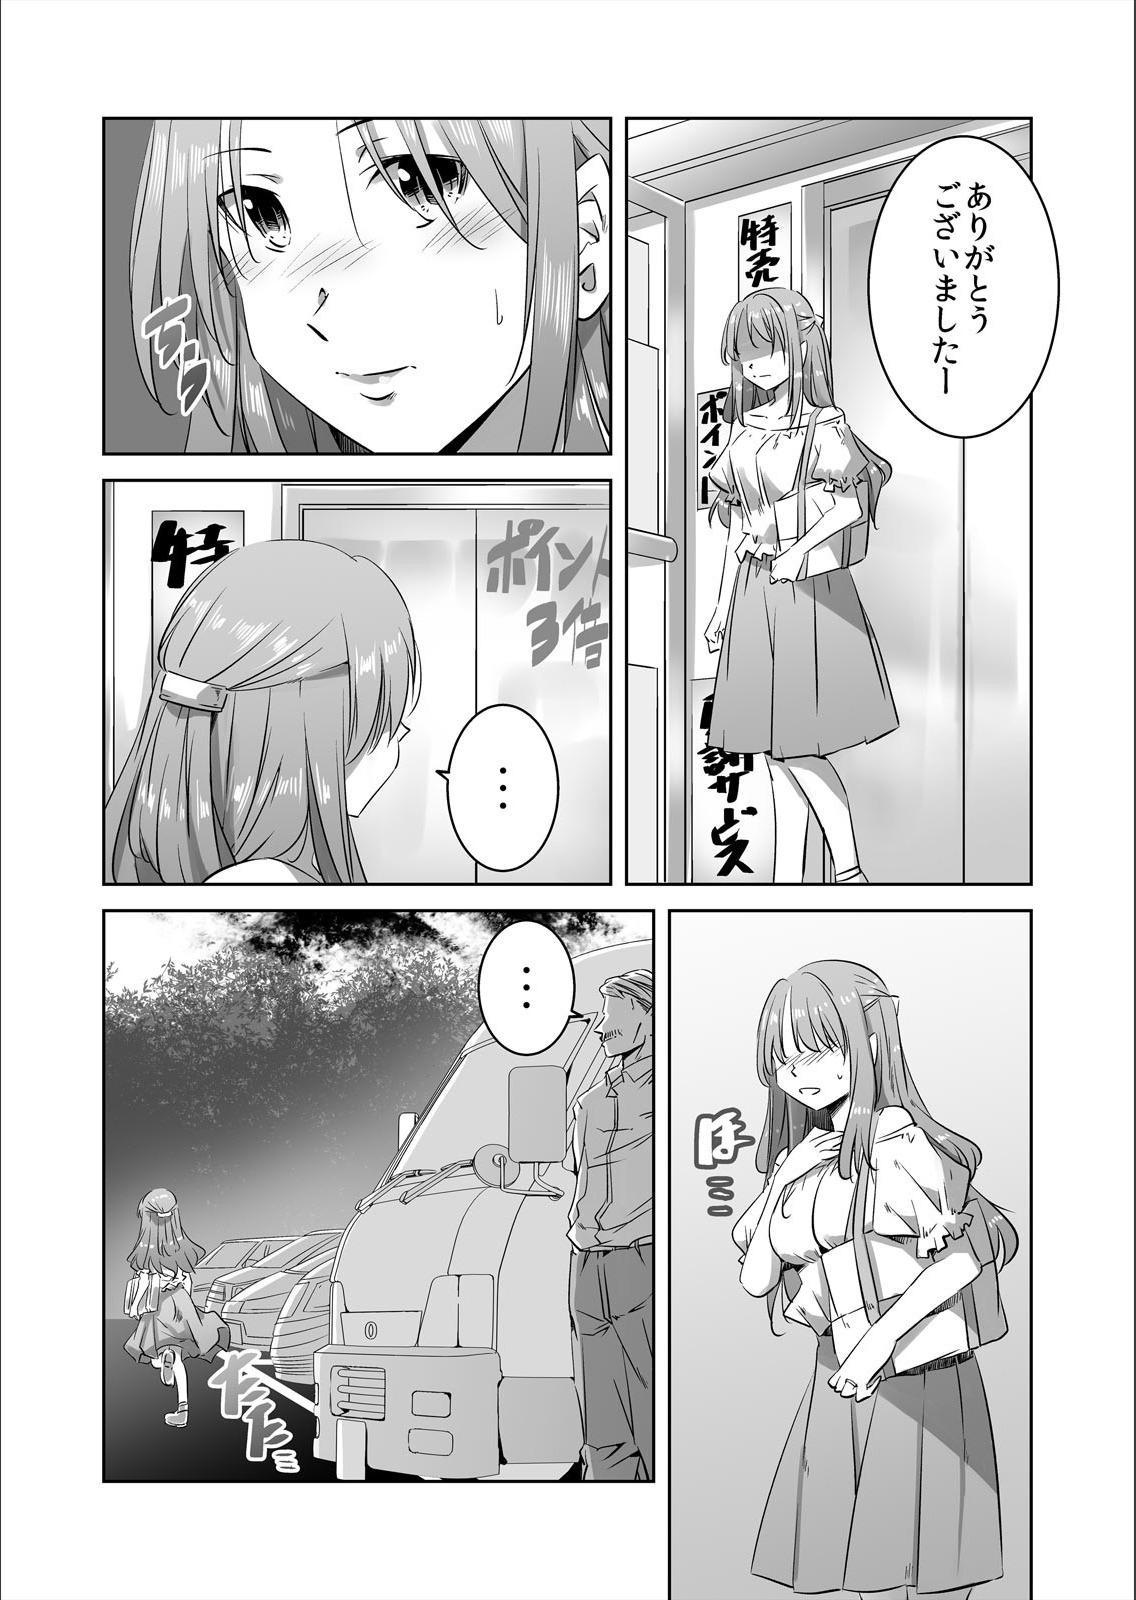 [Bokuboku] Nusumu Hitozuma, Okasu Gifu ~Shujin ni wa Iwanaide Kudasai...~ Ch.1 3